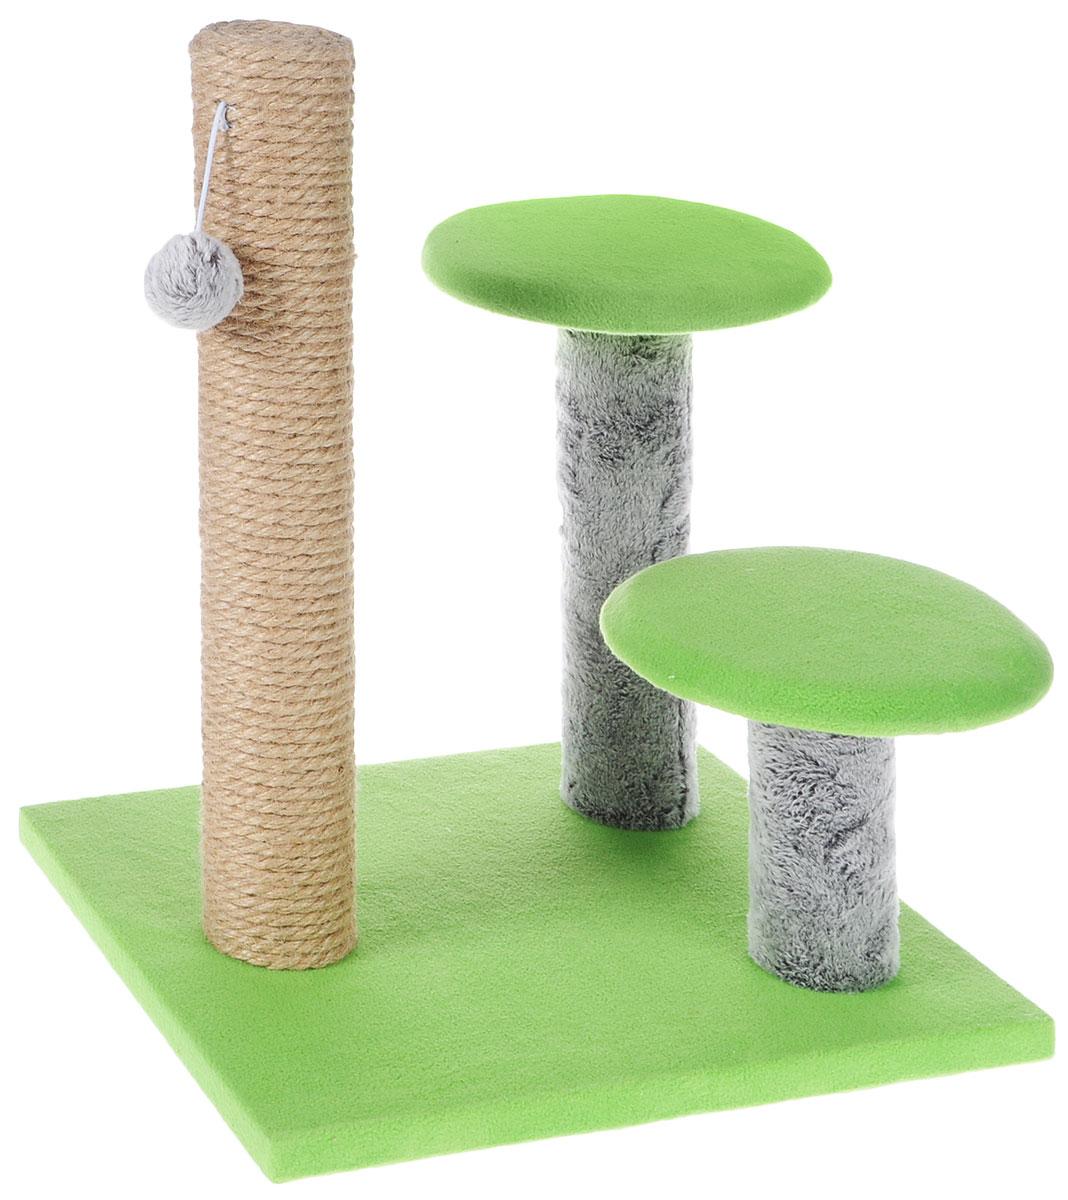 Игровой комплекс для кошек Грызлик Ам  Грибы , цвет: зеленый, серый, 30 х 35 x 40 см - Когтеточки и игровые комплексы